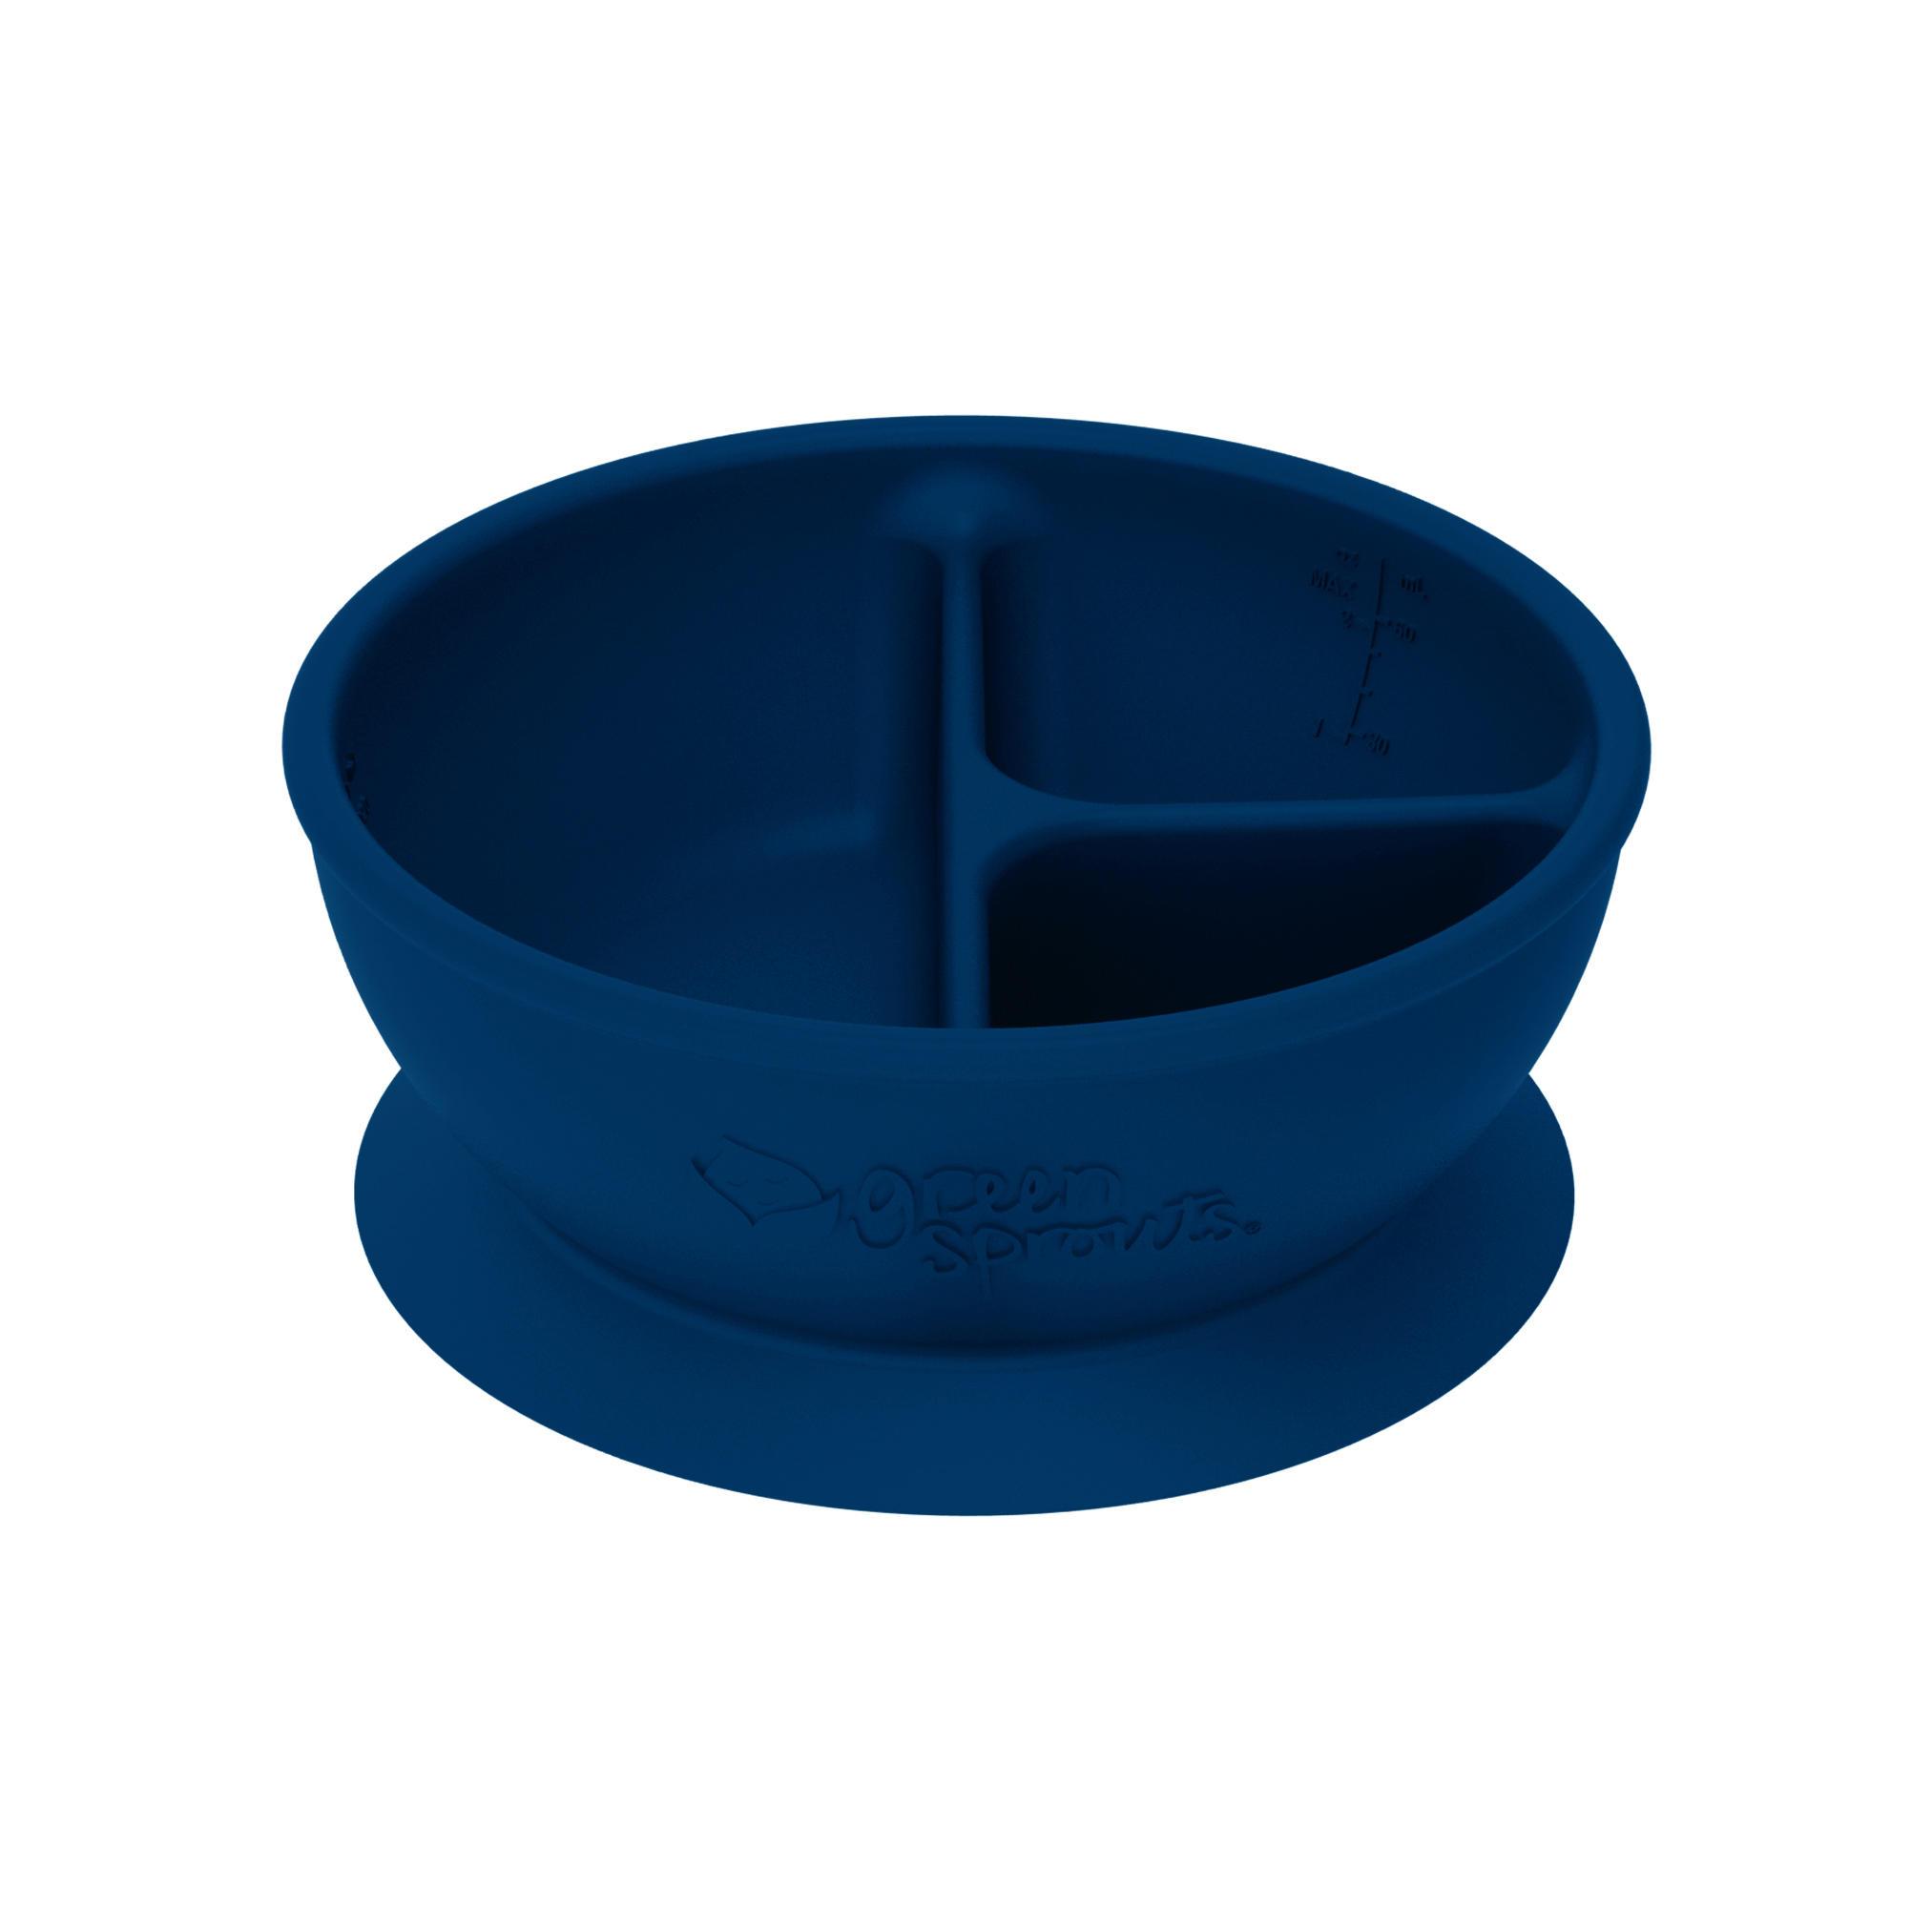 Bowl Divisorio y Adherente de Silicona Azul Navy